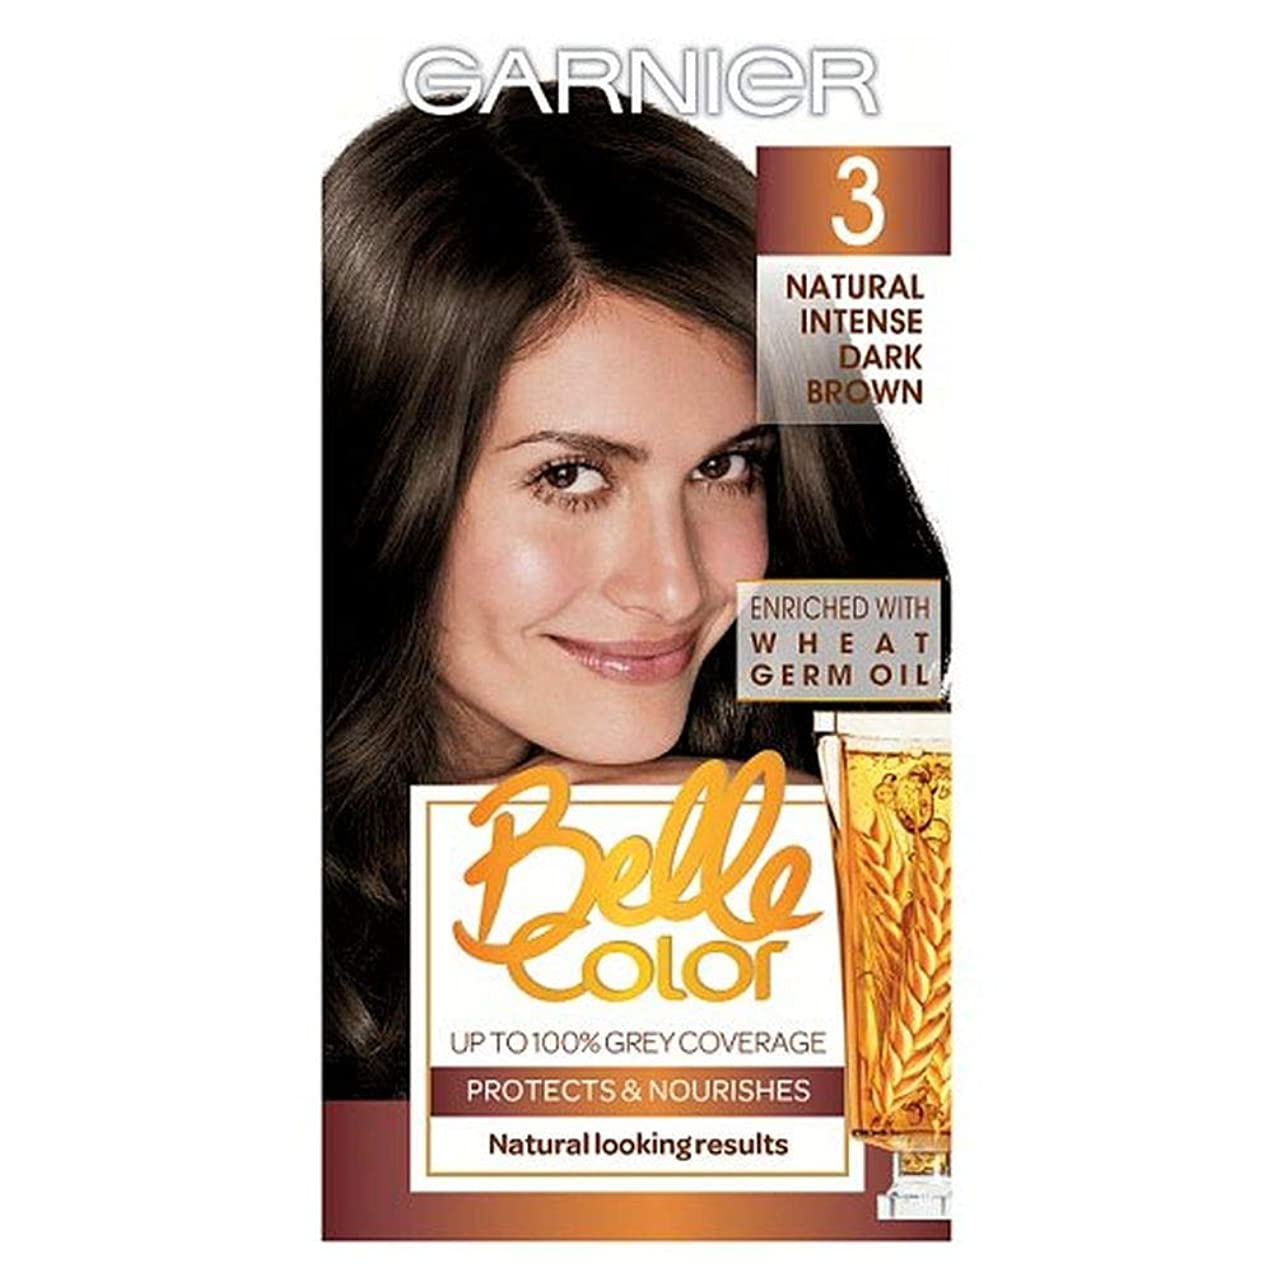 細分化する材料発行する[Belle Color ] ガーン/ベル/Clr 3ダークブラウンパーマネントヘアダイ - Garn/Bel/Clr 3 Dark Brown Permanent Hair Dye [並行輸入品]